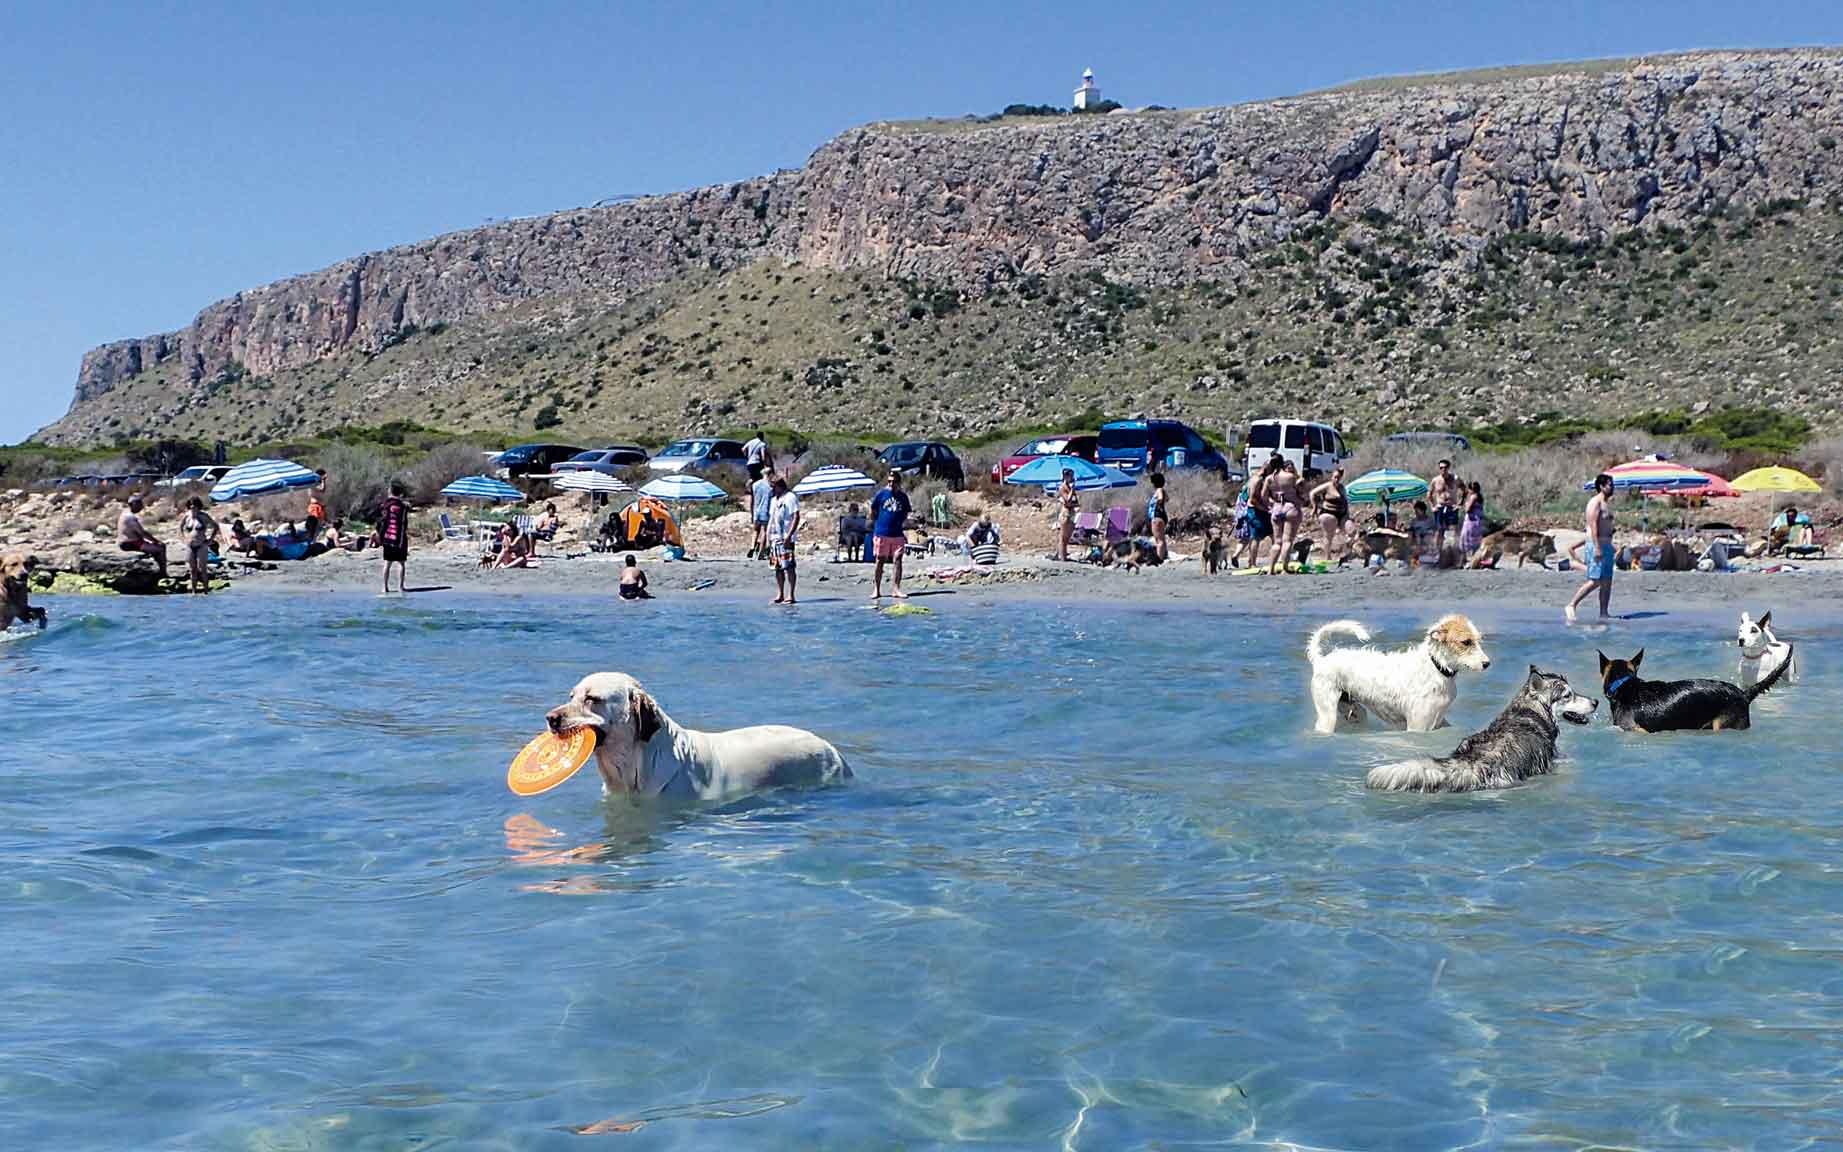 La Caleta Dels Gossets de Santa Pola gana el premio Travelguau al mejor Destino Turístico Pet-Friendly